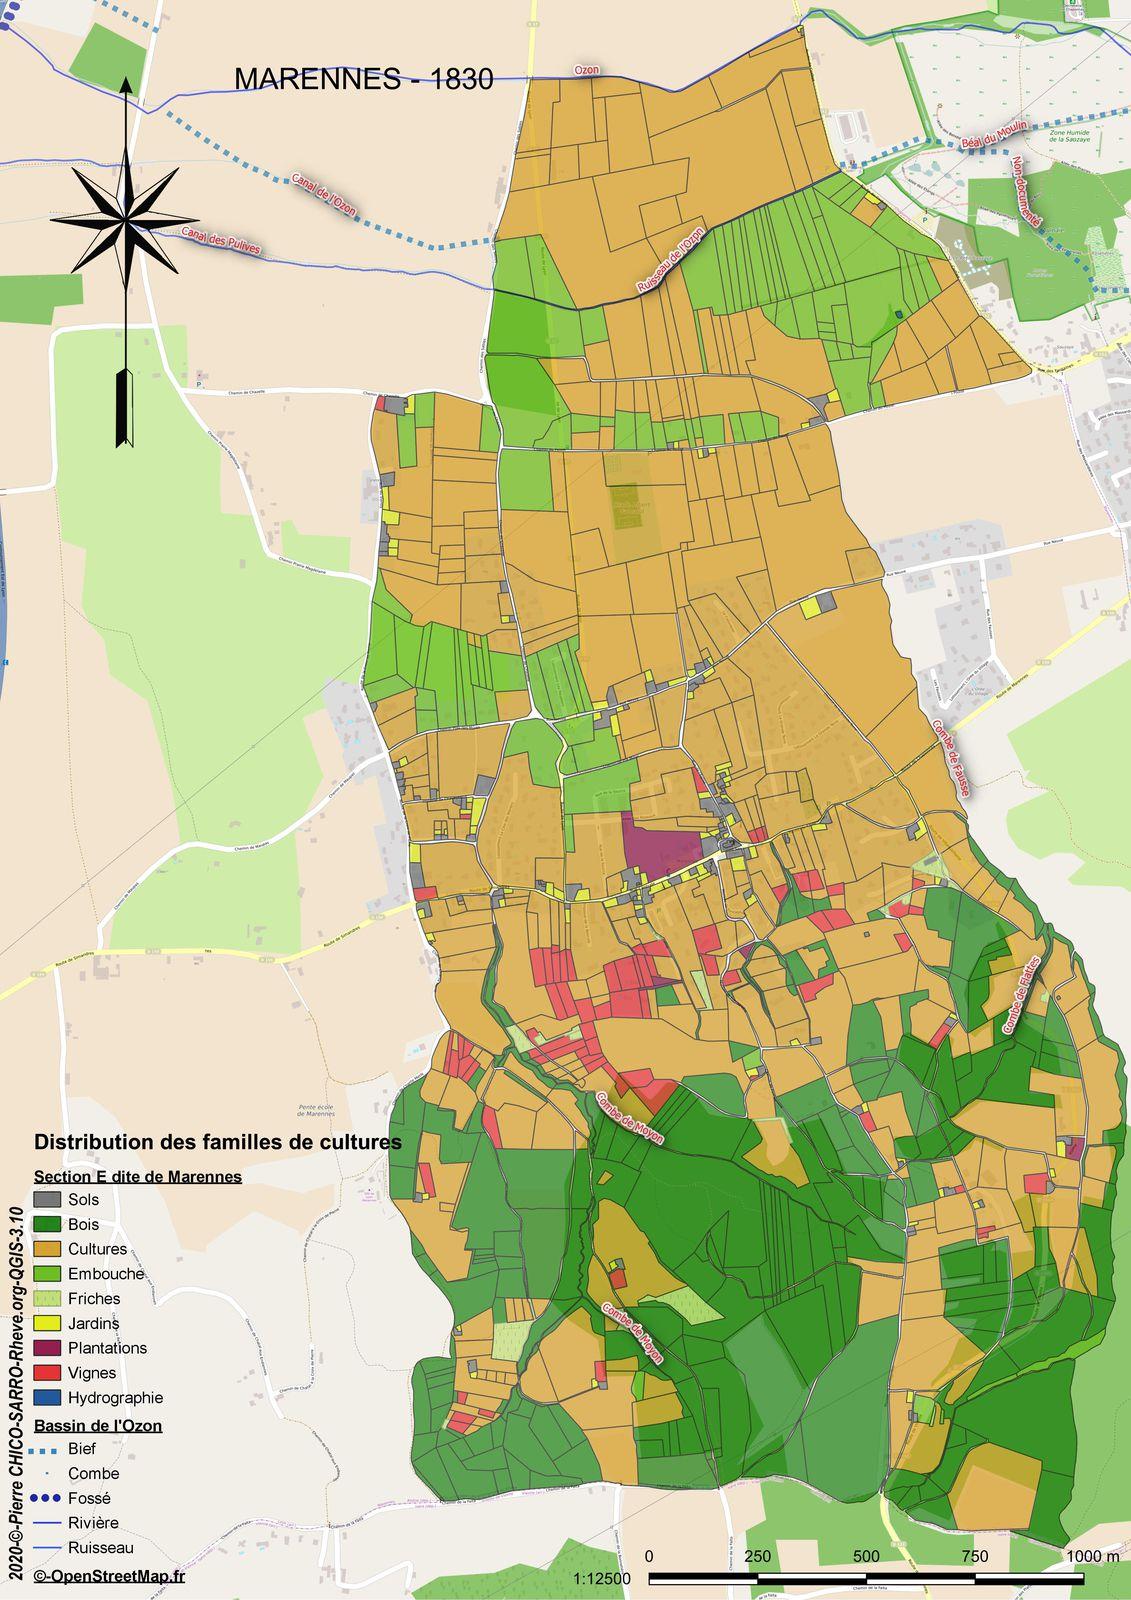 Distribution des familles de cultures de la section E dite de Marennes à Marennes en 1830